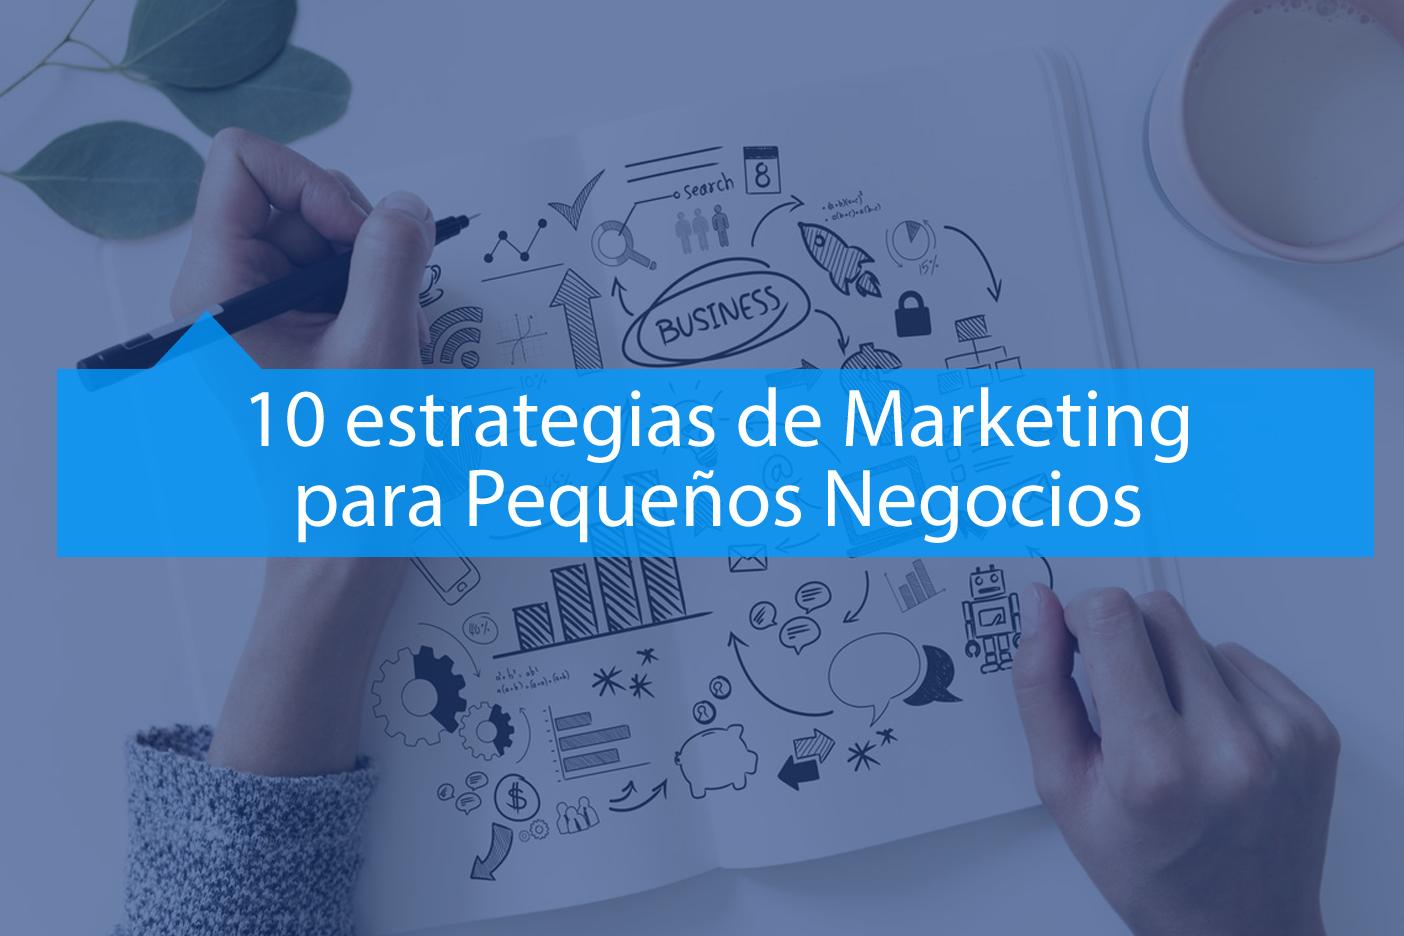 Estrategias de Marketing para Pequeños Negocios